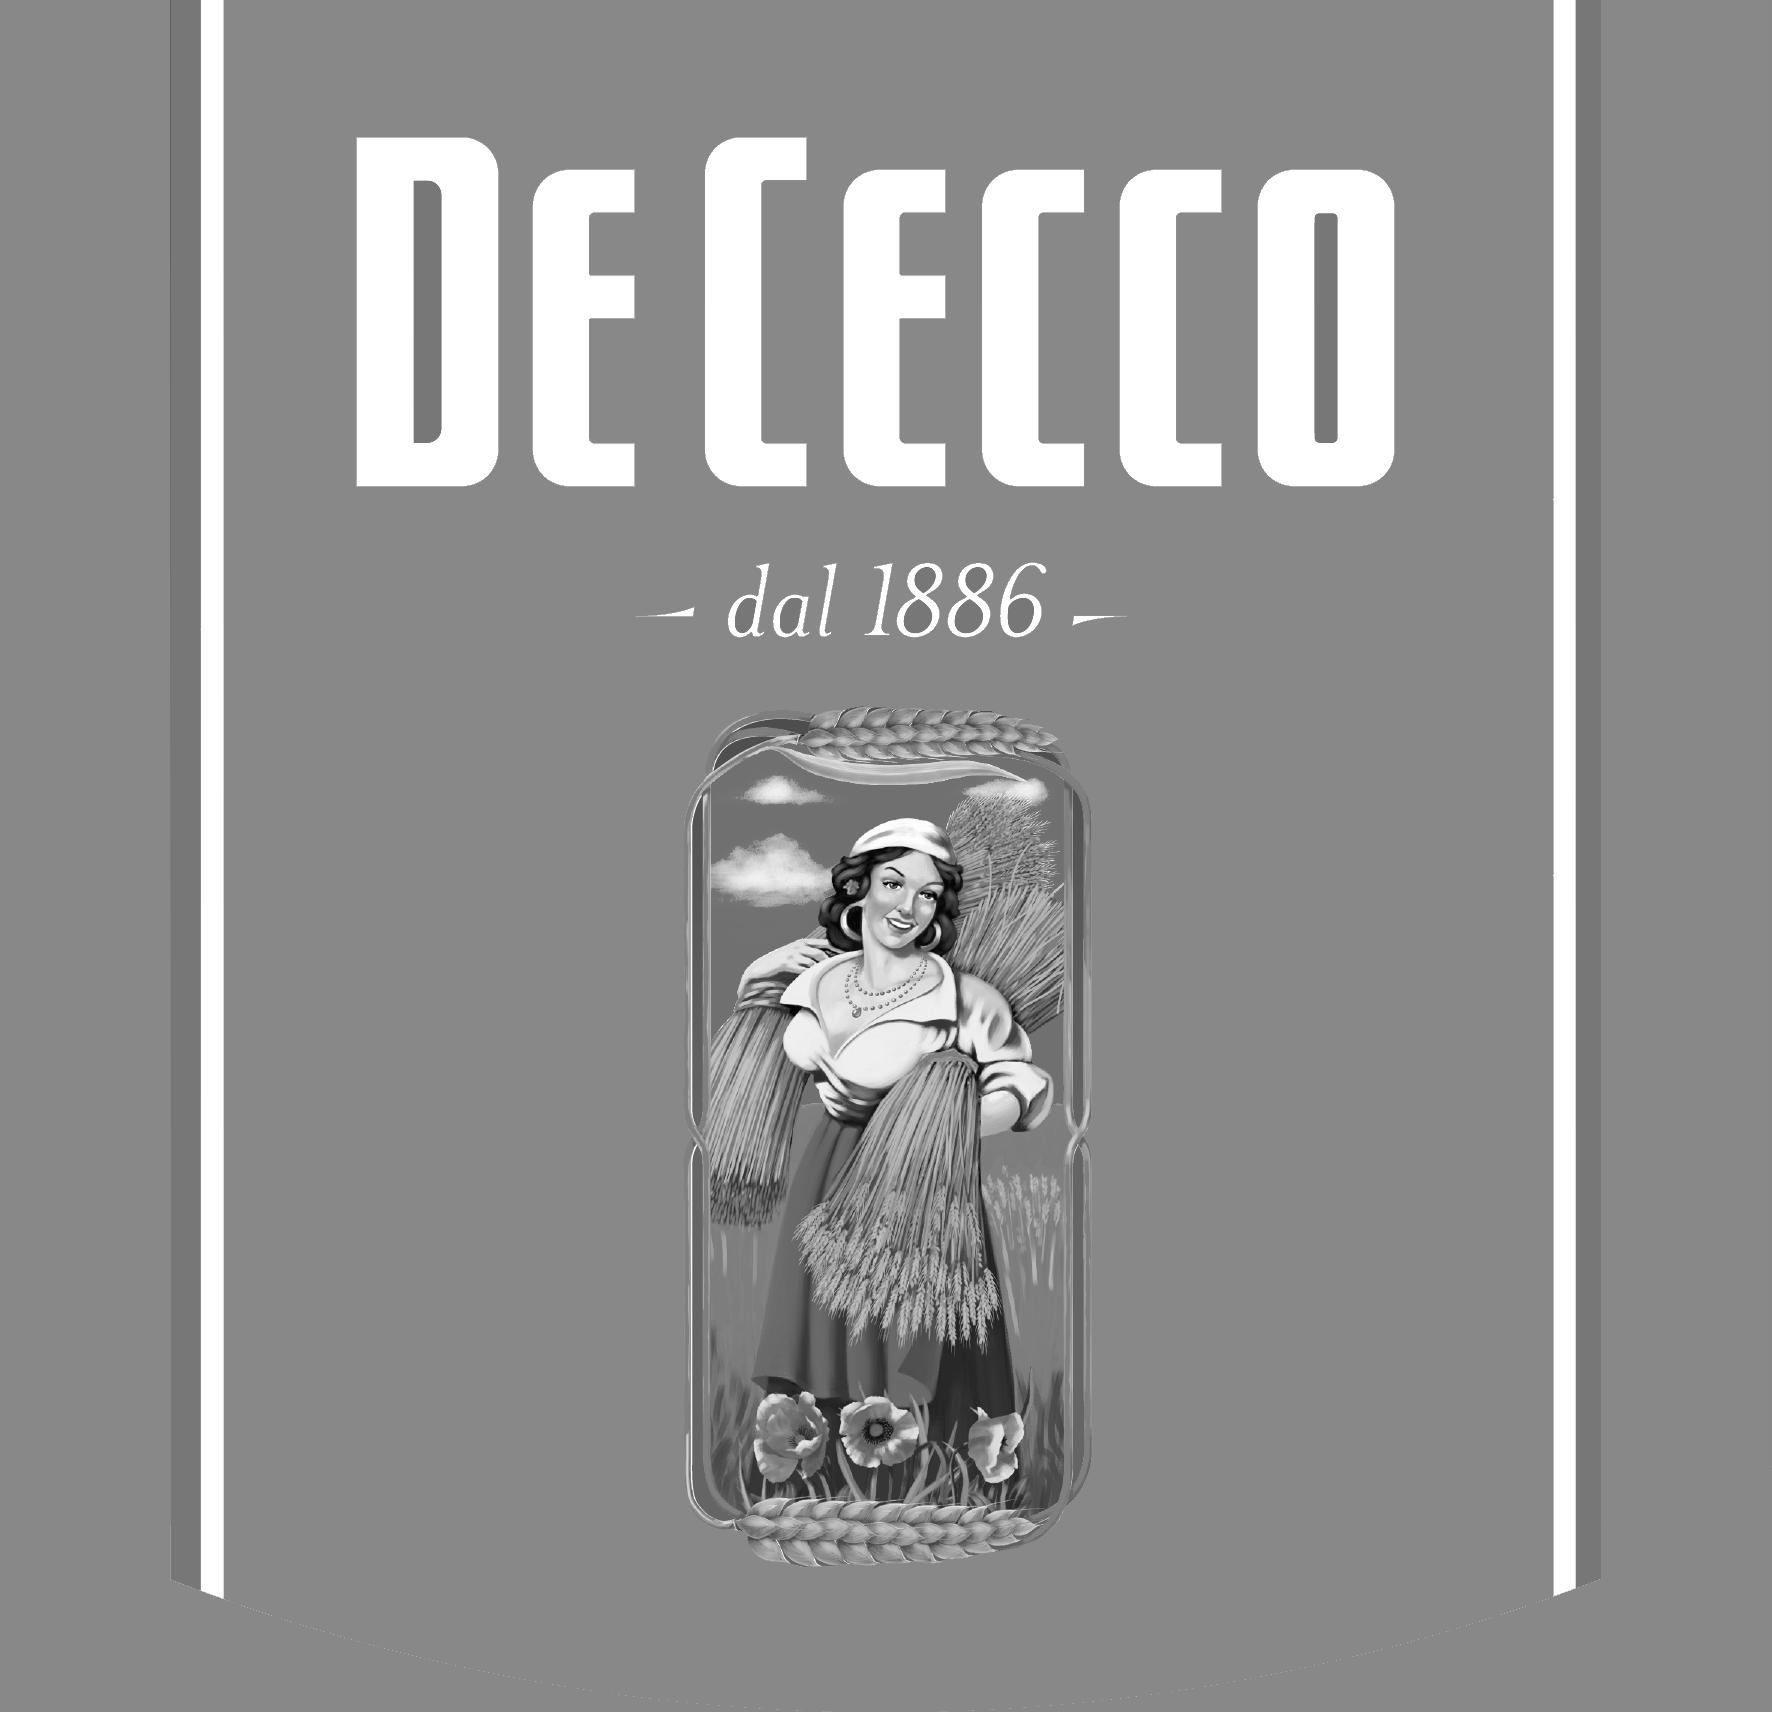 dececco_marchio_standard_grey01.fw